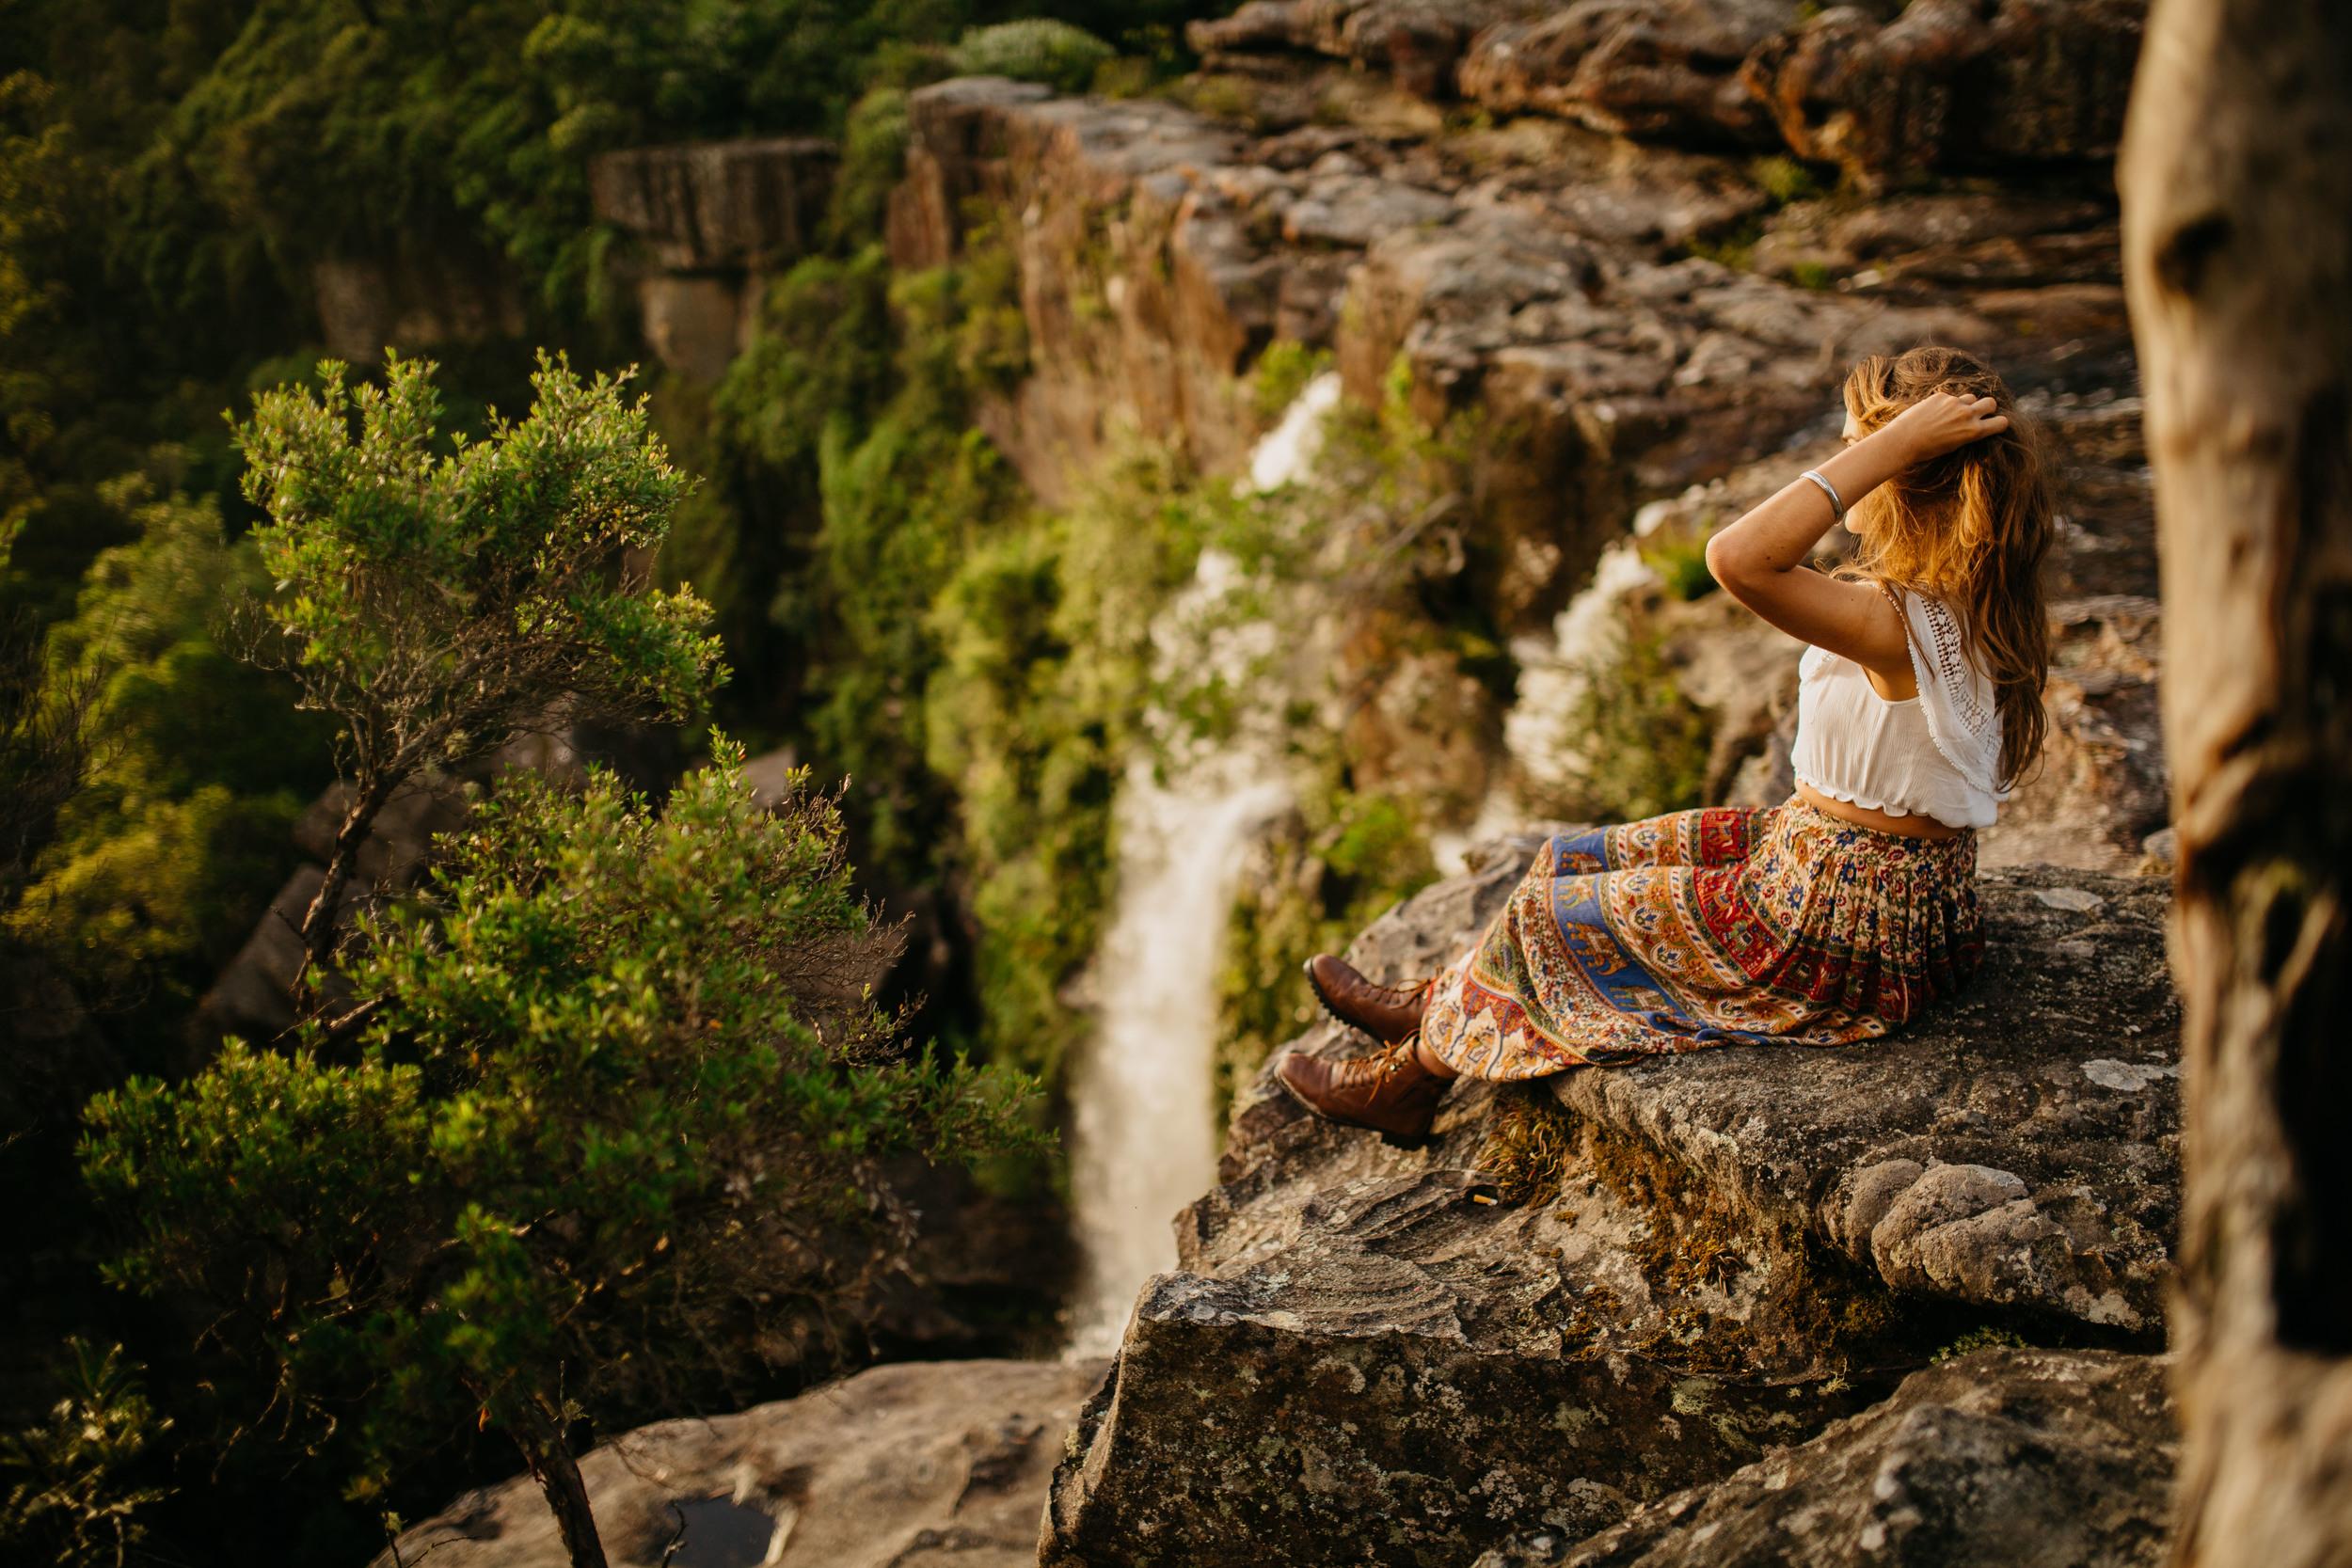 Megan_alanataylorphotographyBLOG-44.jpg